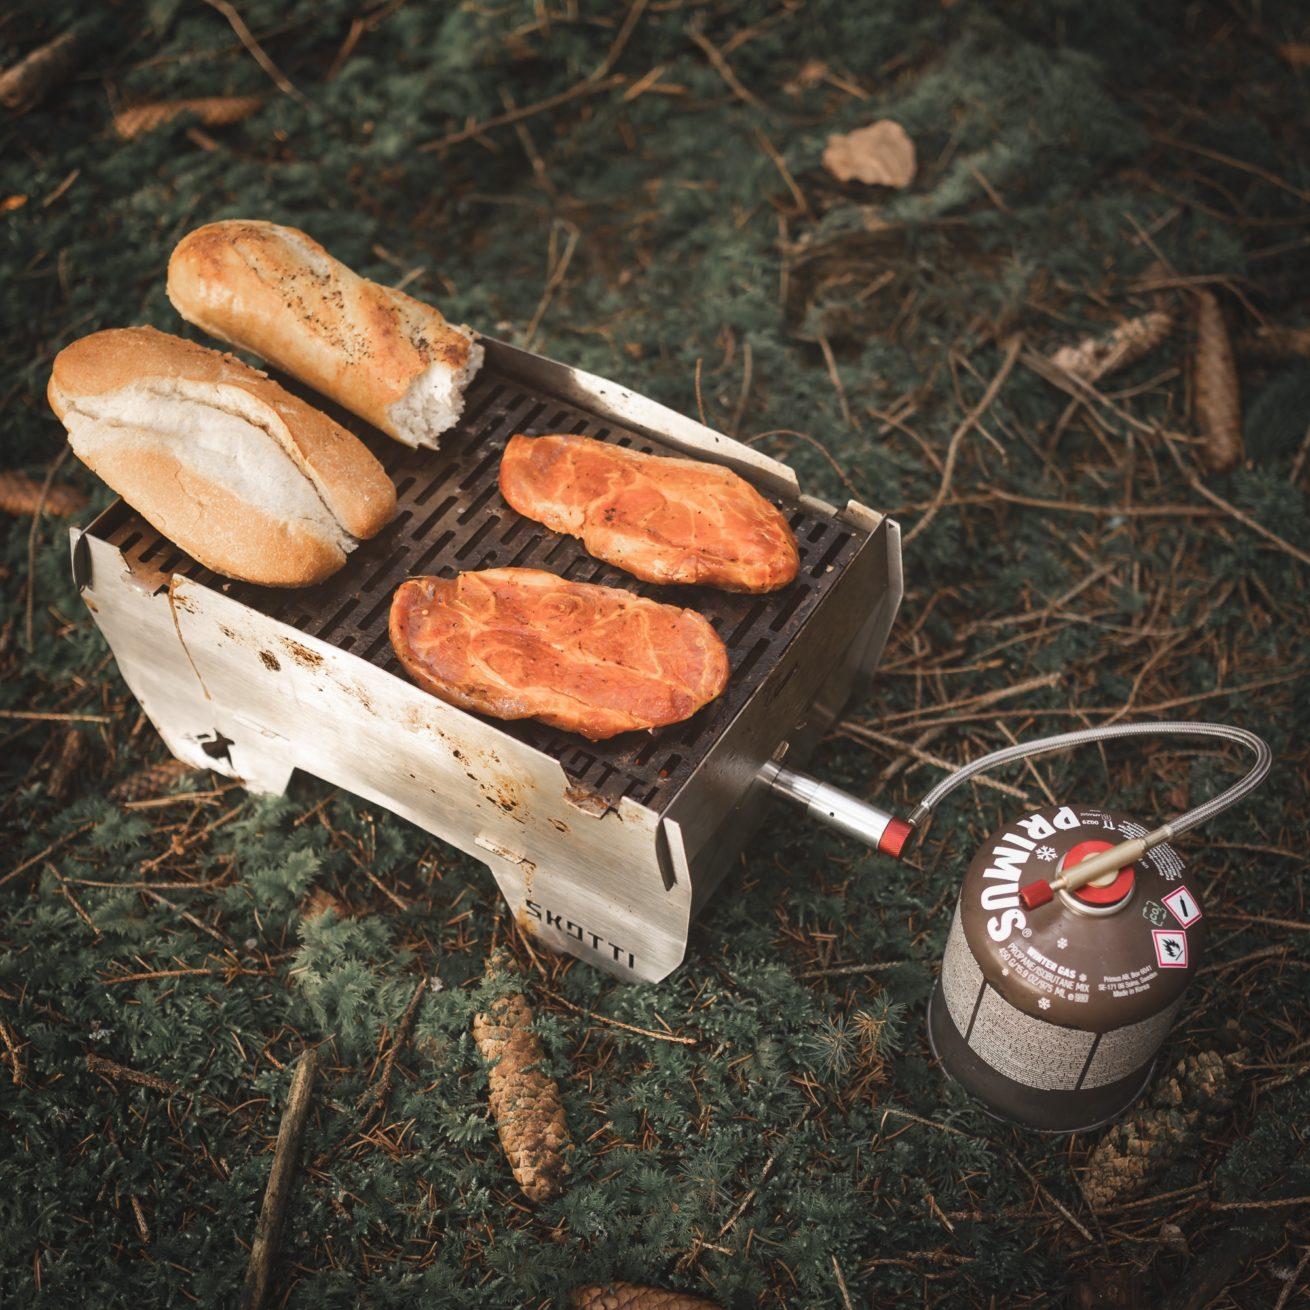 Naturbursche - Skotti-Grill - Test im Wald - Bushcraft